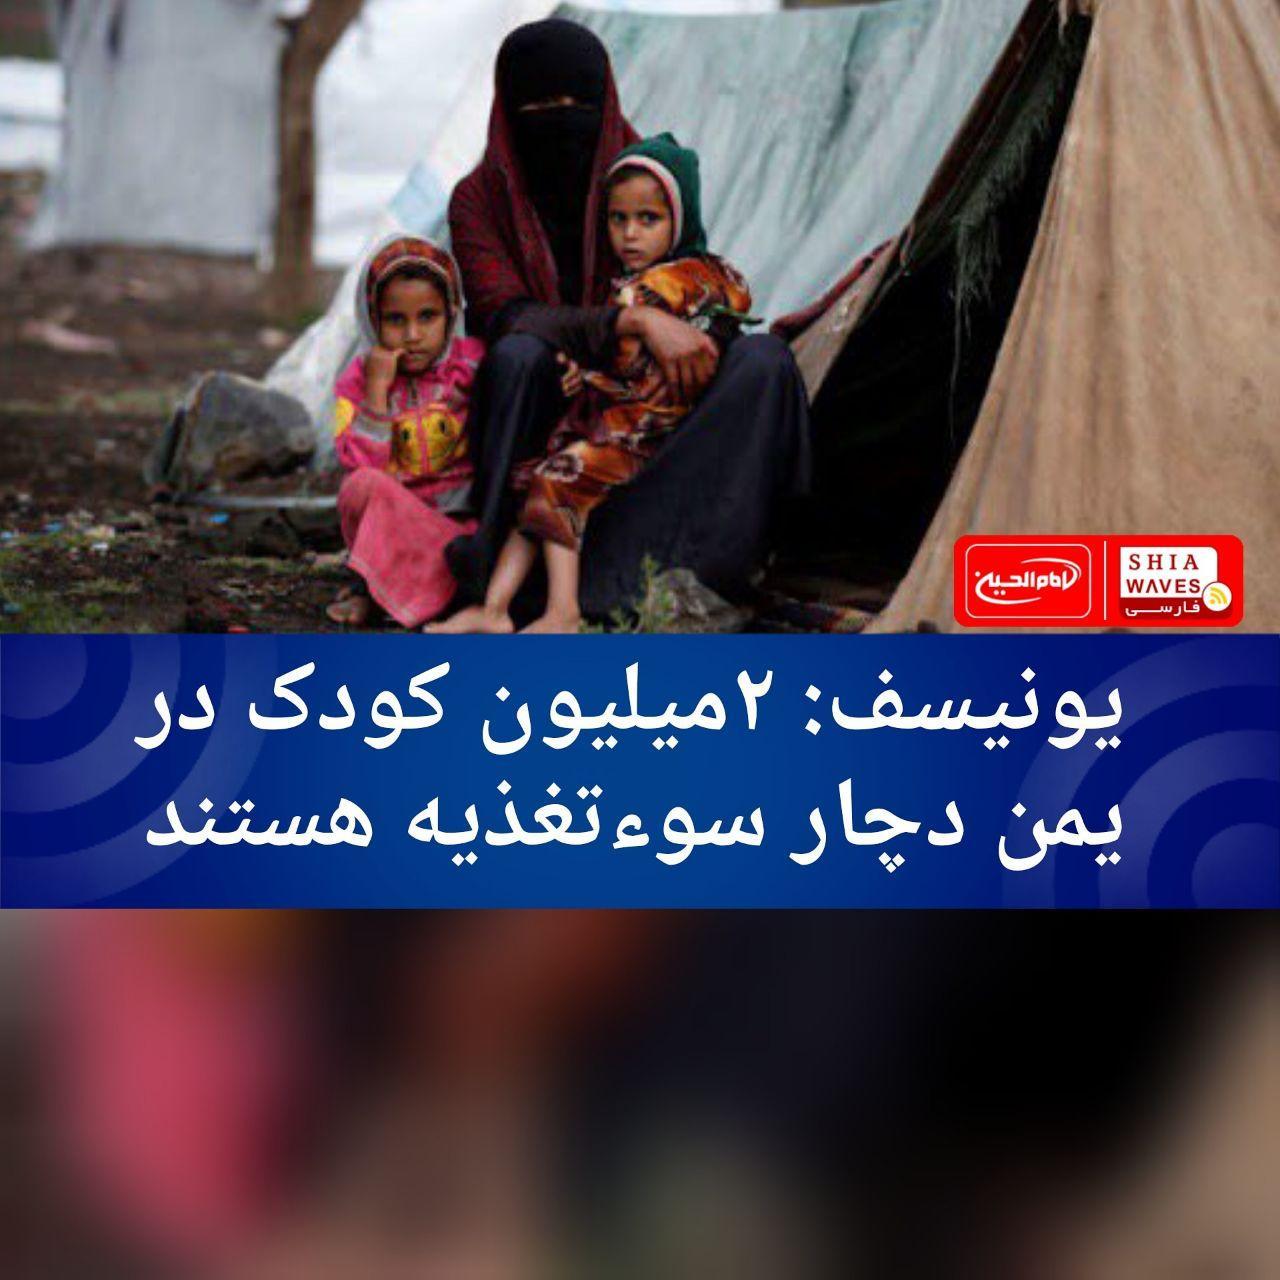 تصویر یونیسف: ۲میلیون کودک در یمن دچار سوءتغذیه هستند